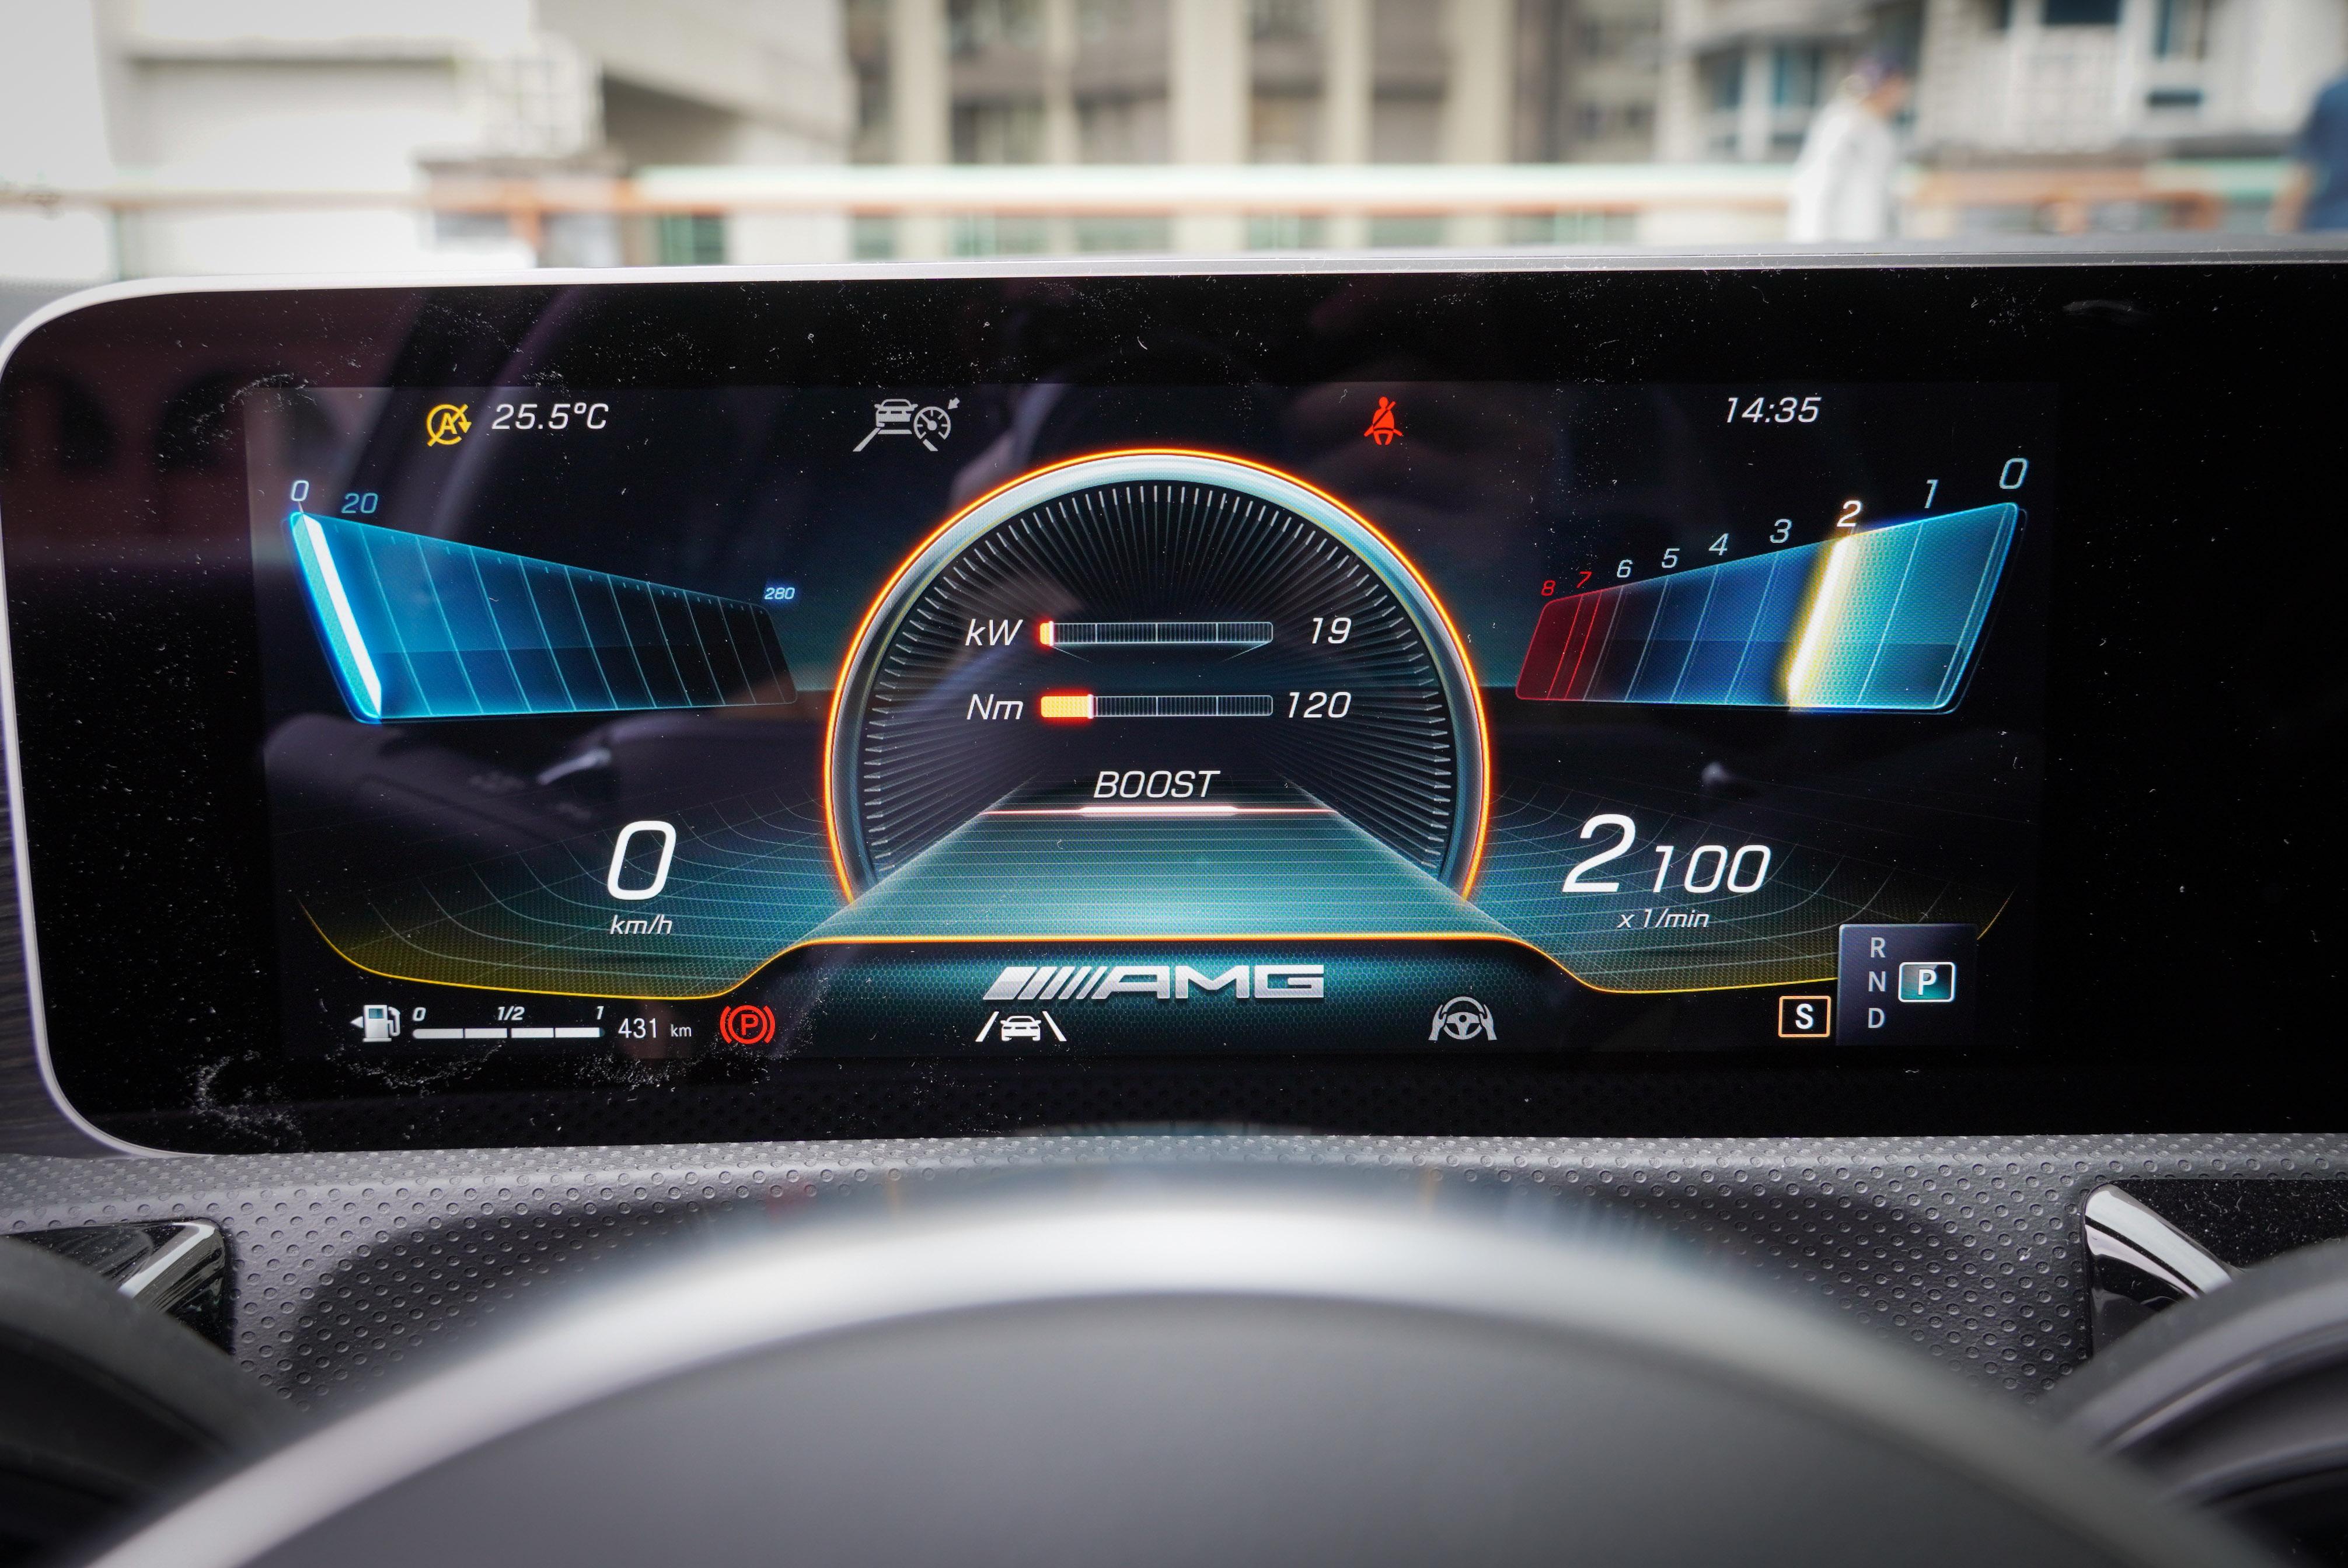 數位儀表提供多種顯示模式,其中 Supersport 模式可顯示即時輸出功率。此車型也可選配抬頭顯示器。